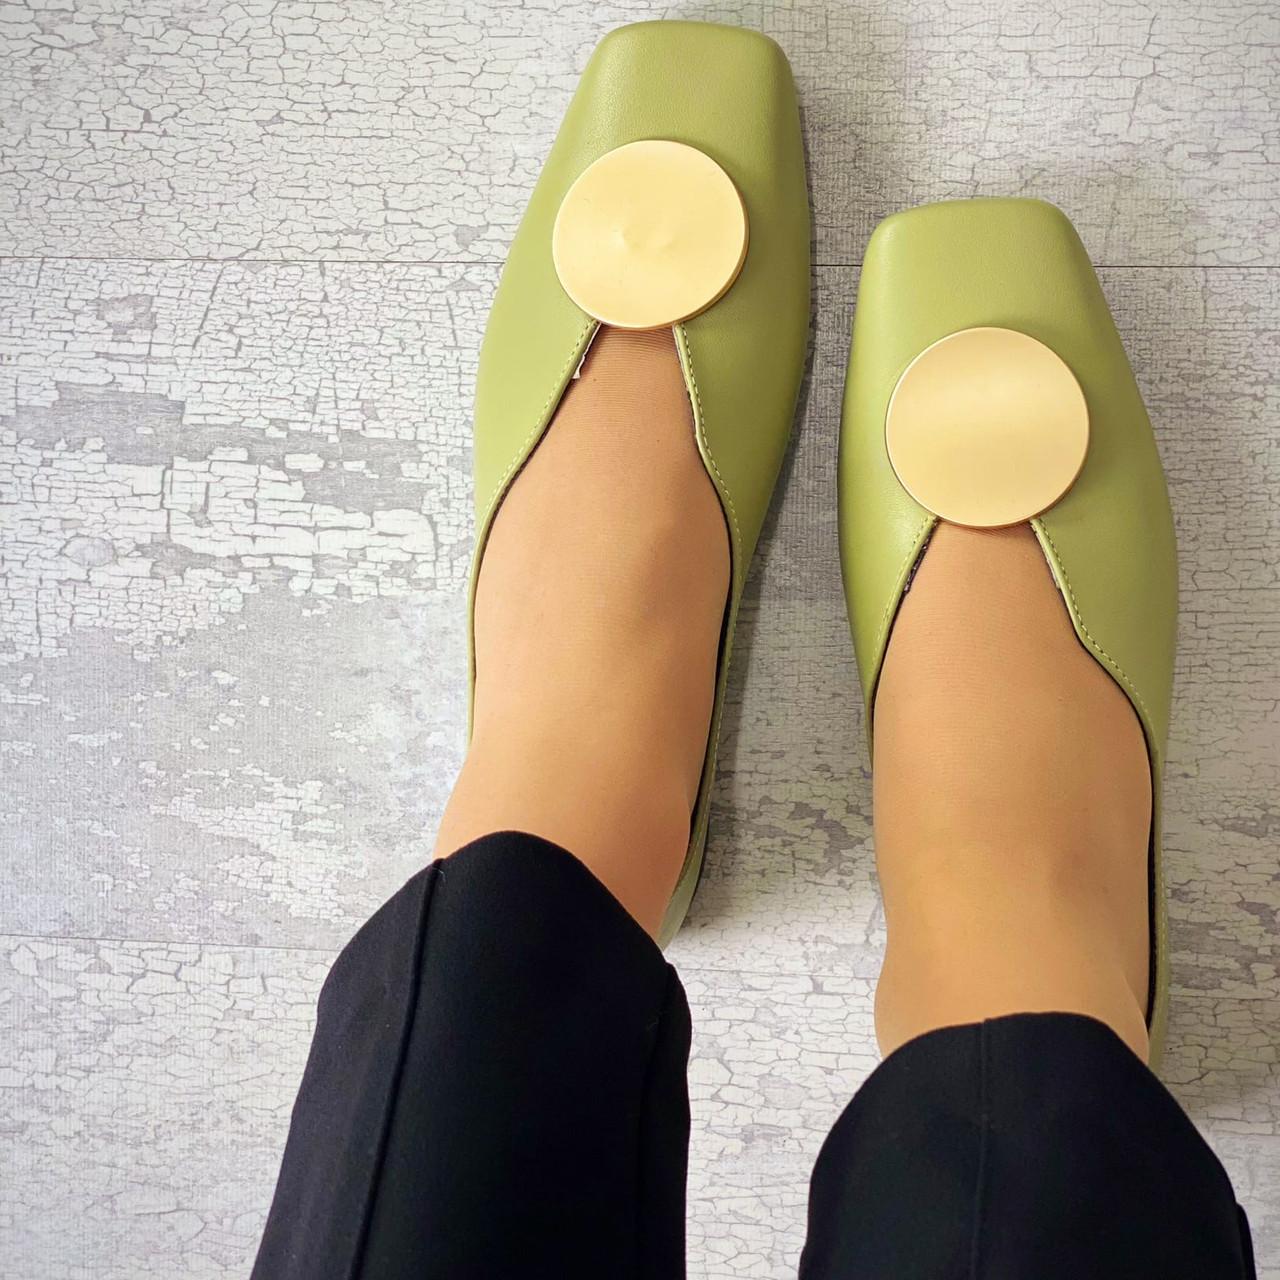 Жіночі шкіряні туфлі на низькому ходу 36-40 р світло-оливковий